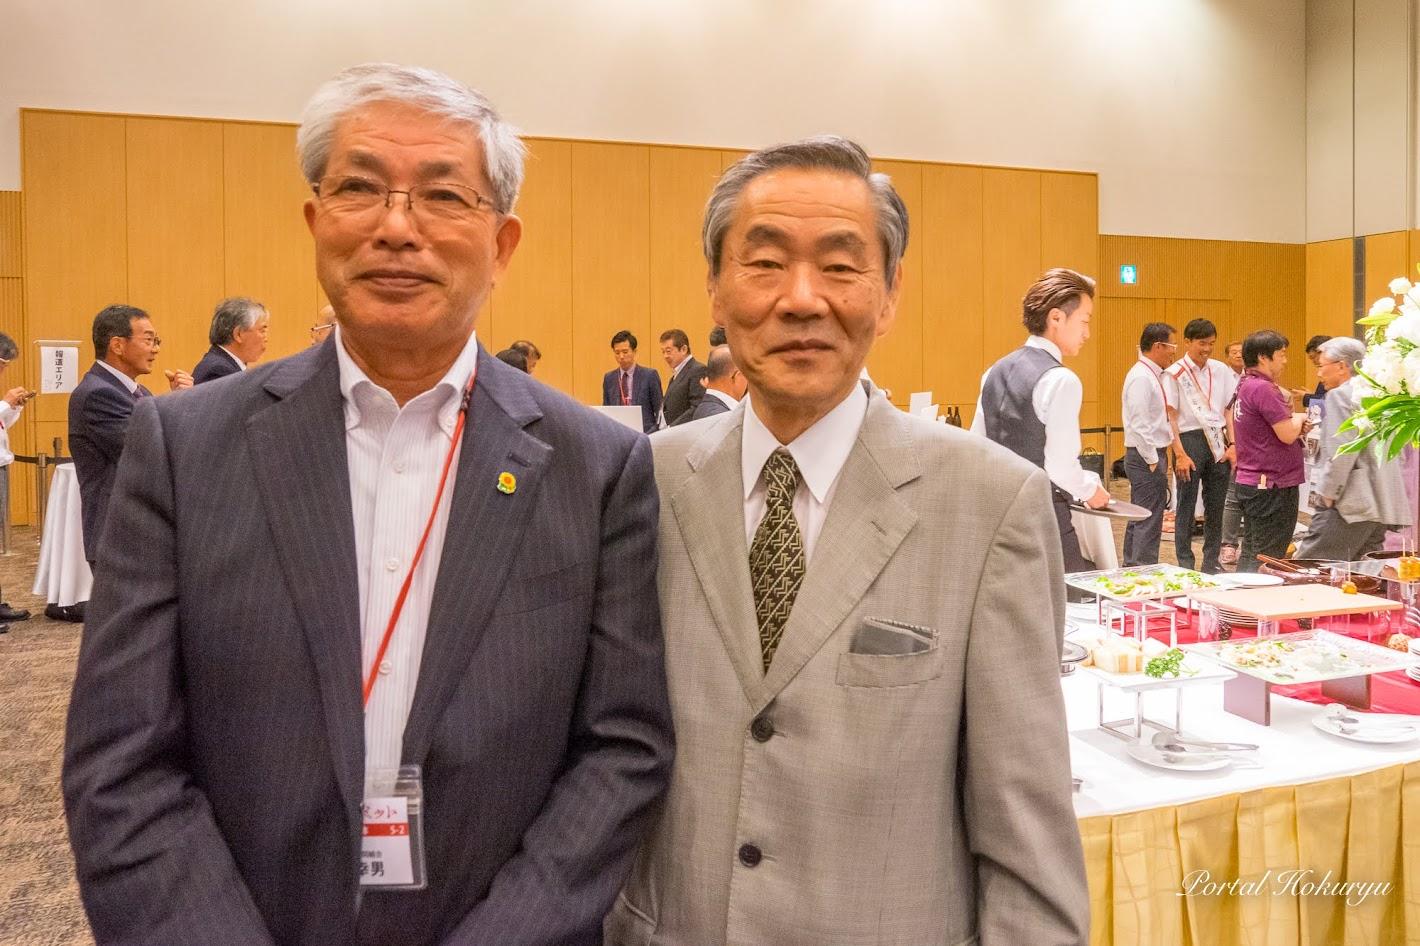 有識者懇談会・林良博 座長(右)、黒千石事業協同組合(北竜町)高田幸男 理事長